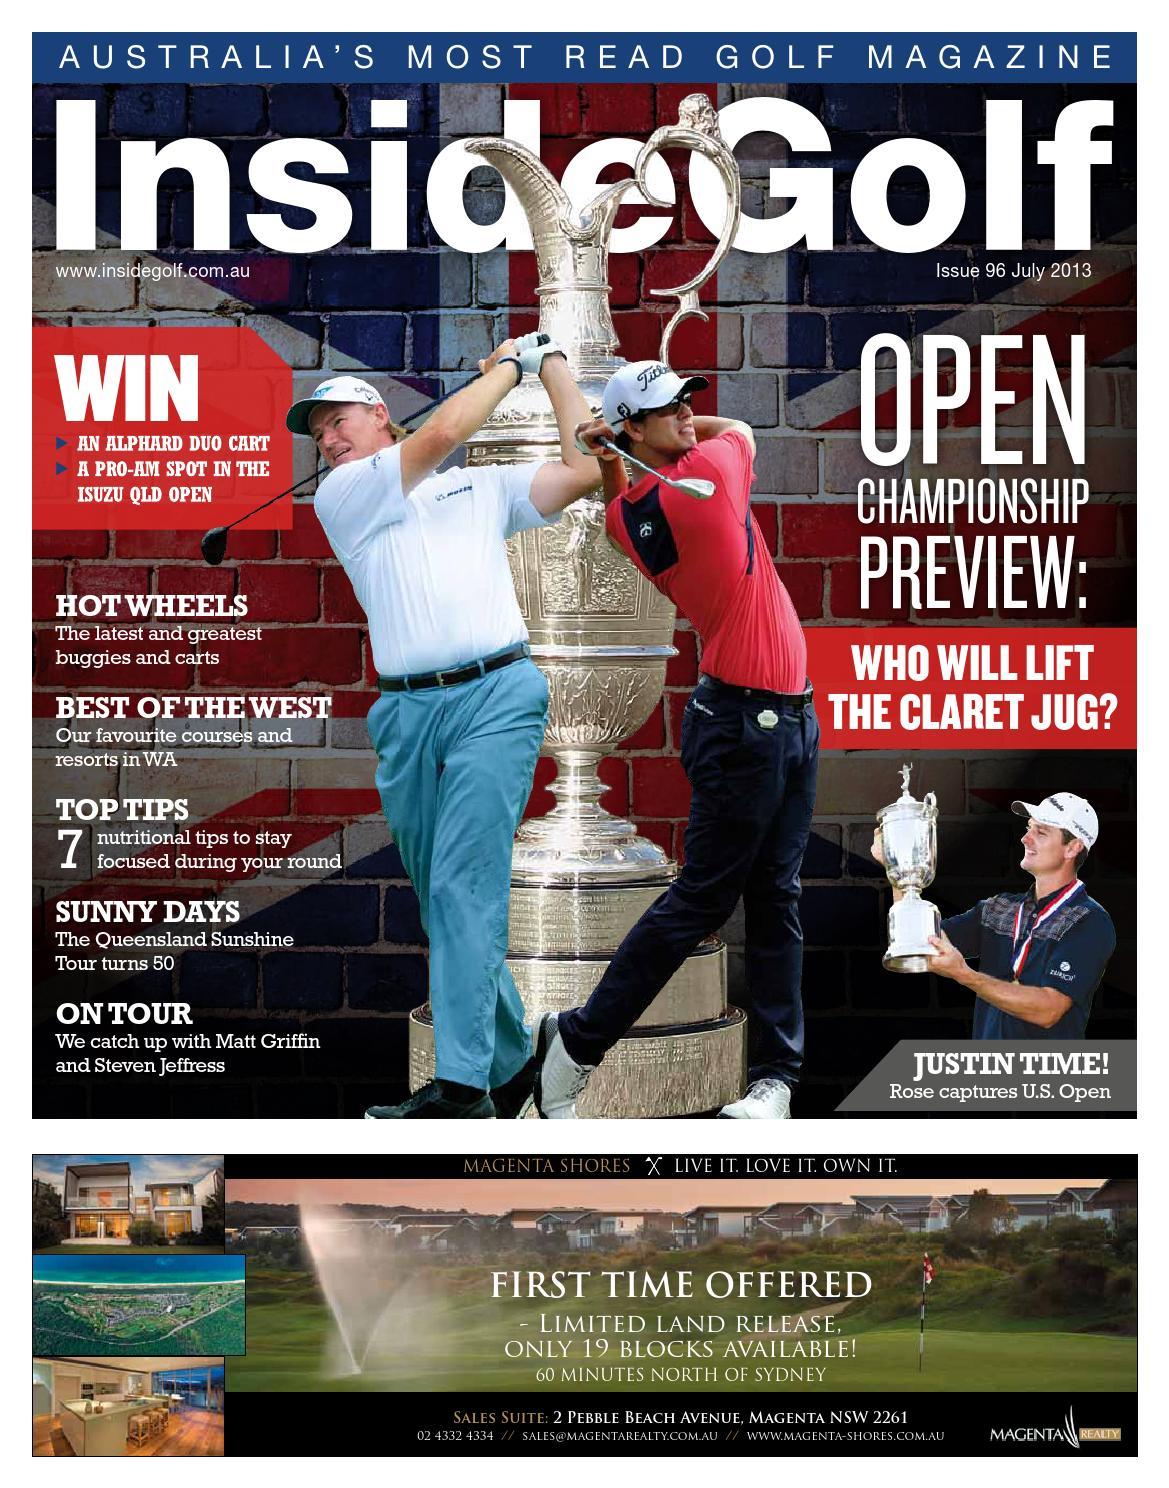 Inside Golf Issue 96 By Issuu Brian Ellul Blog Airx New Controller